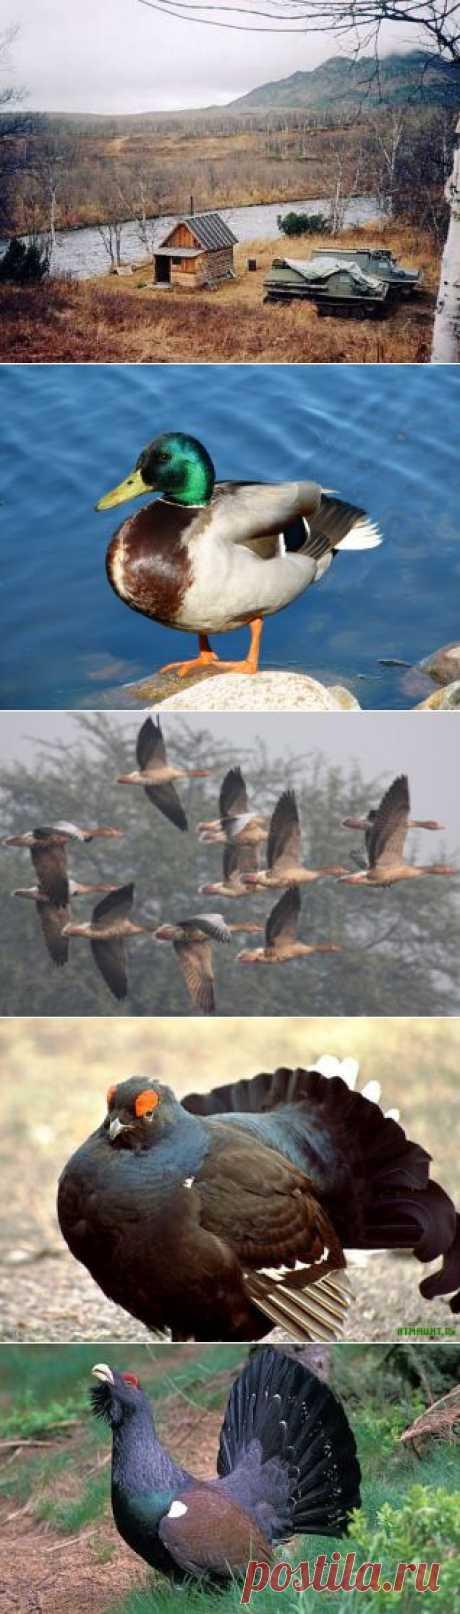 Сезон охоты на различную дичь, как охотиться в летом зимой и весной